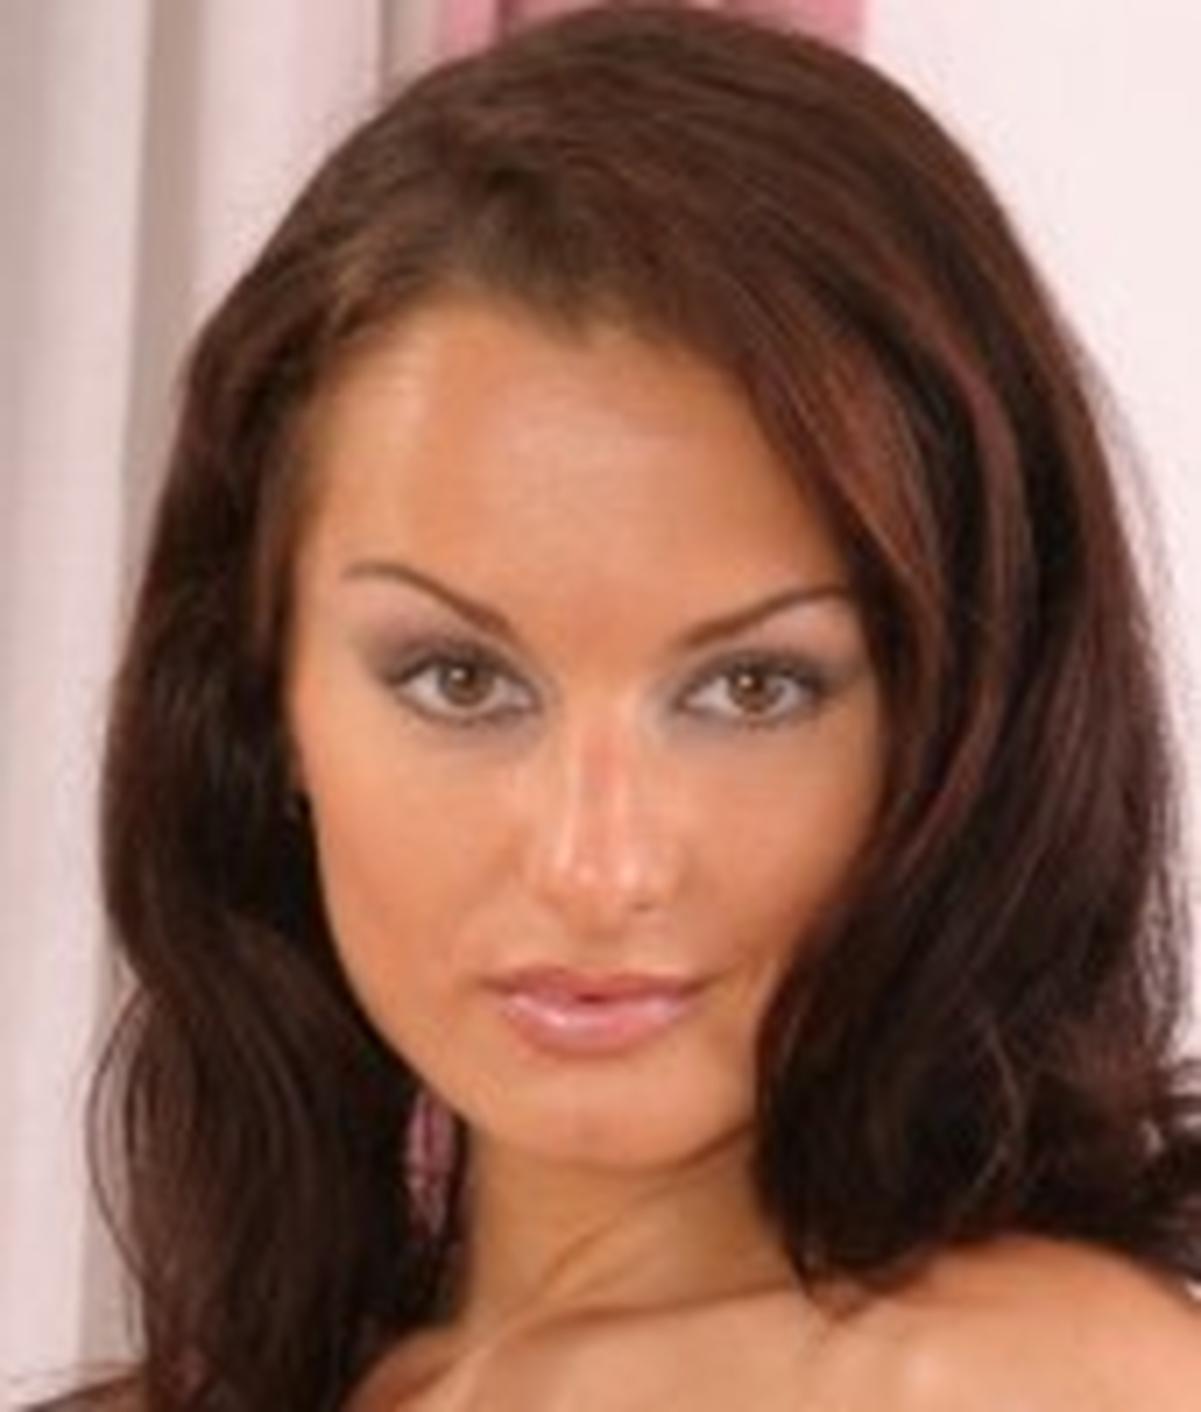 Luisa DeMarco